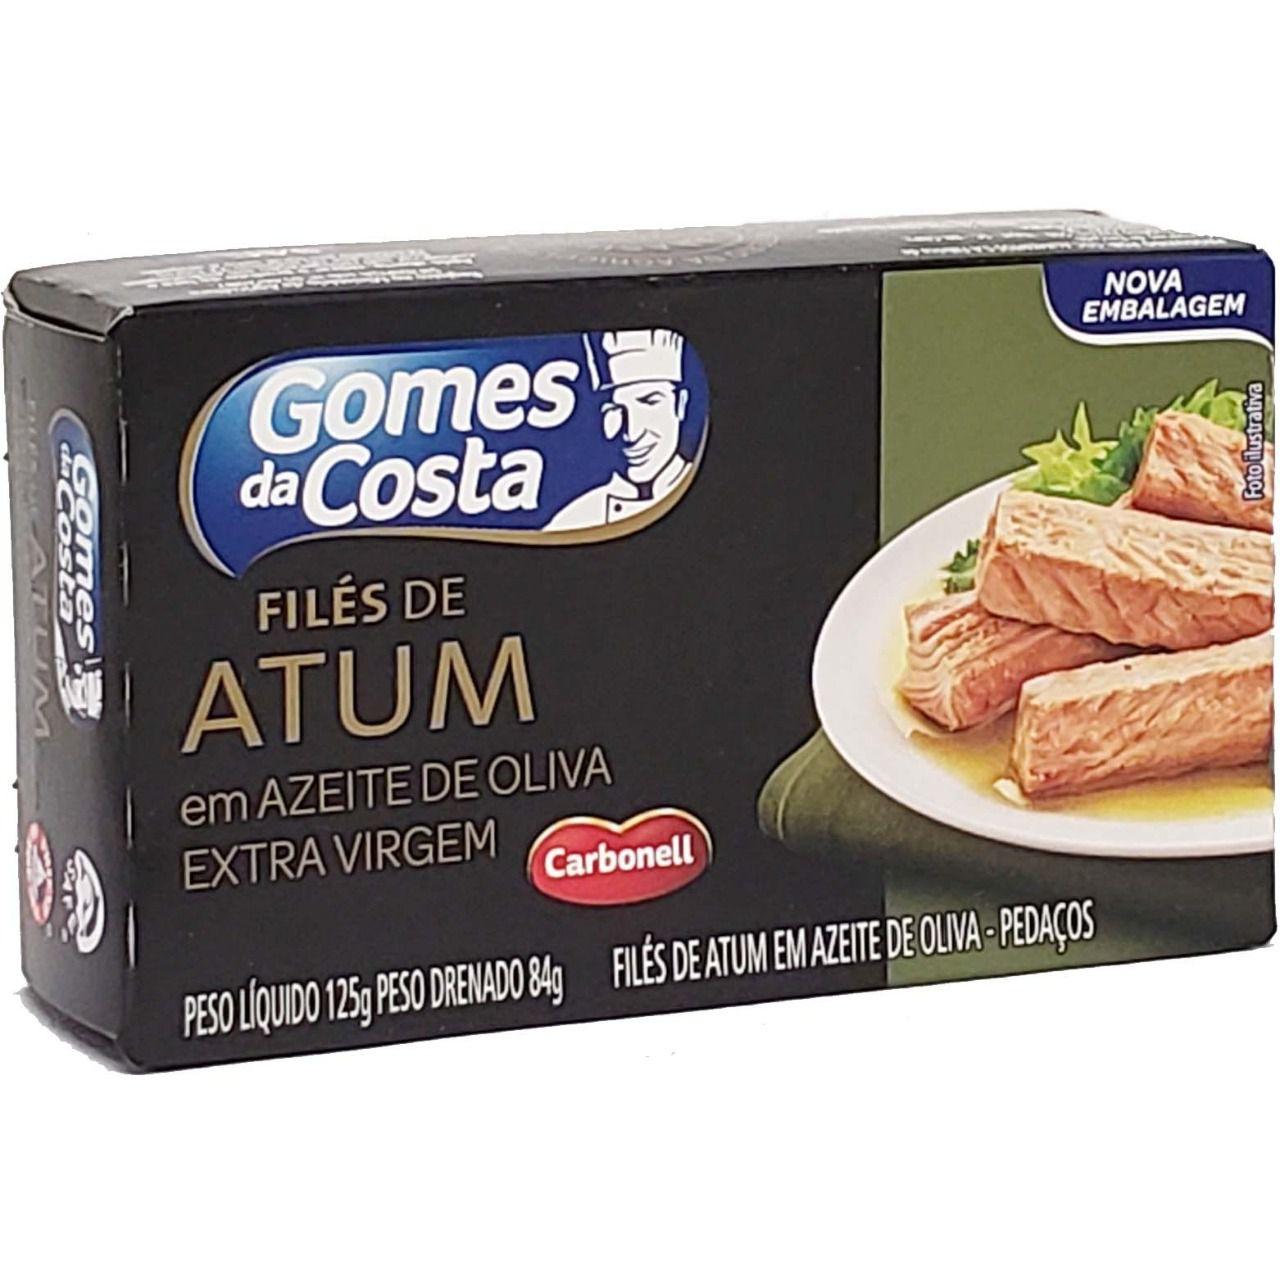 Filés de Atum em Azeite de Oliva Extra Virgem Gomes da Costa - 125g